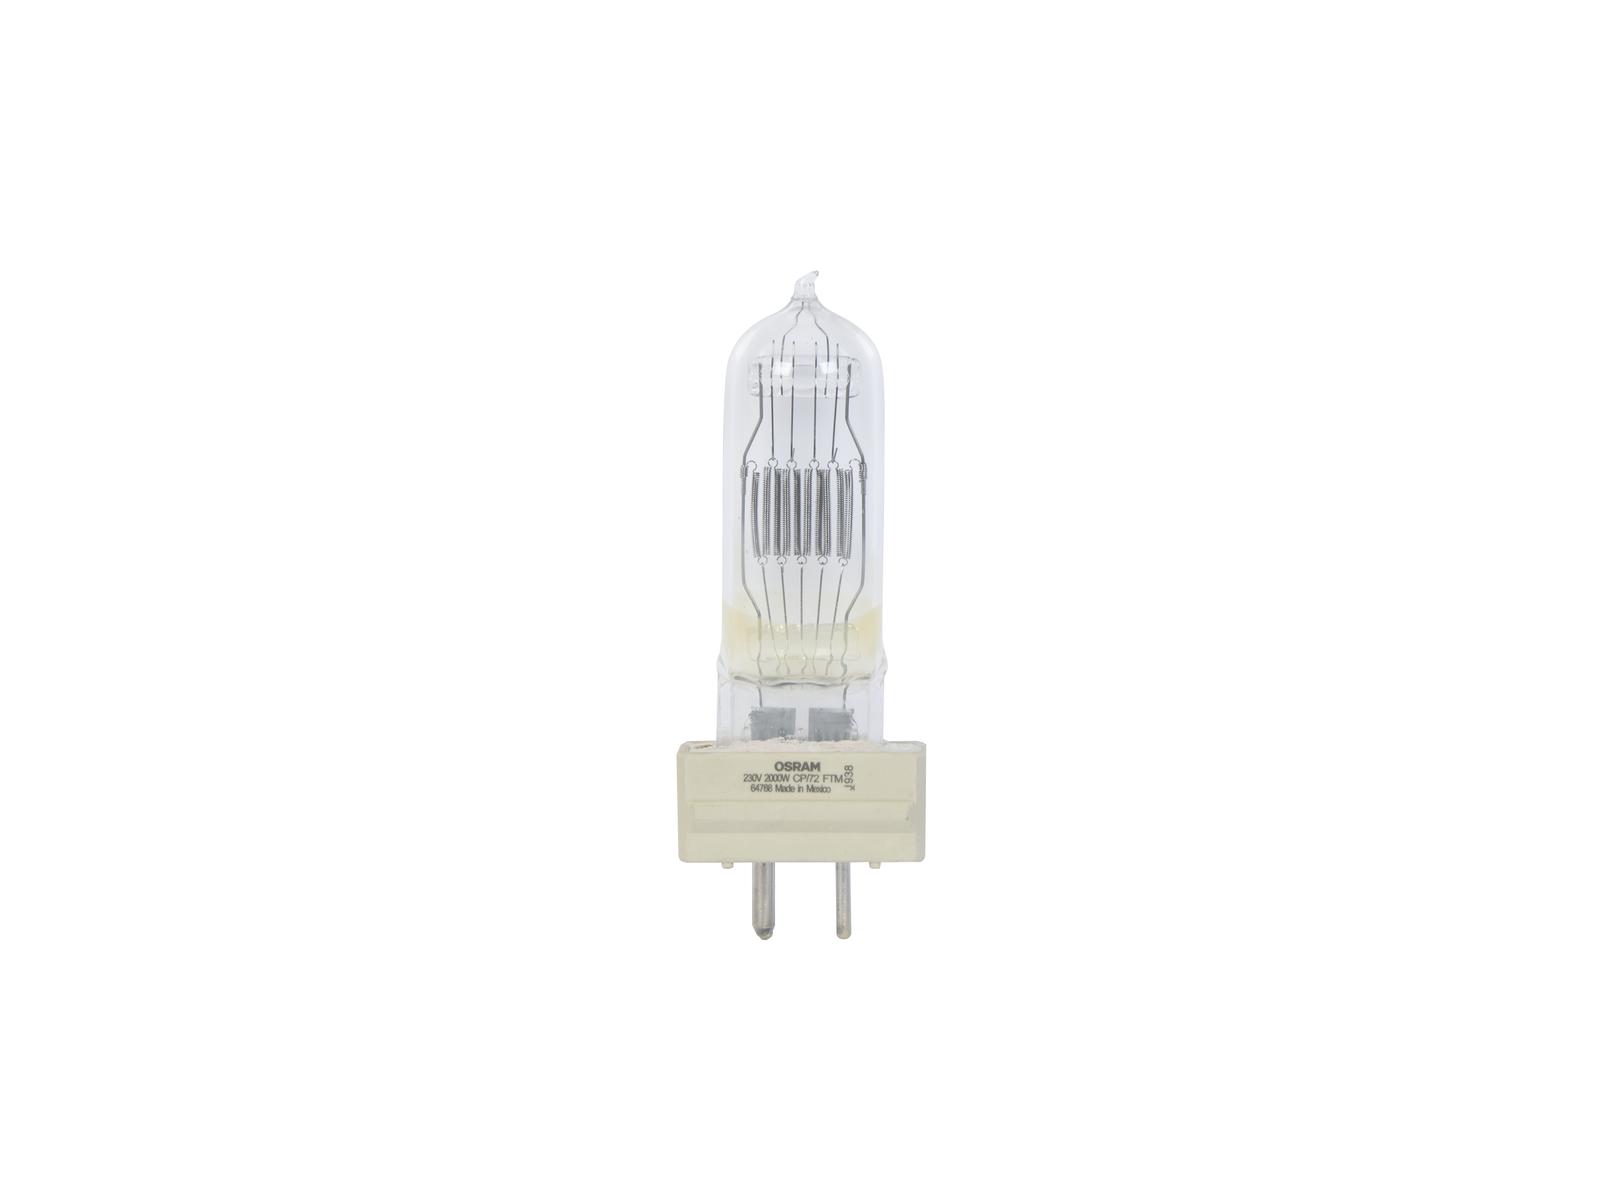 OSRAM 64788 230V/2000W GY-16 400h 3200K